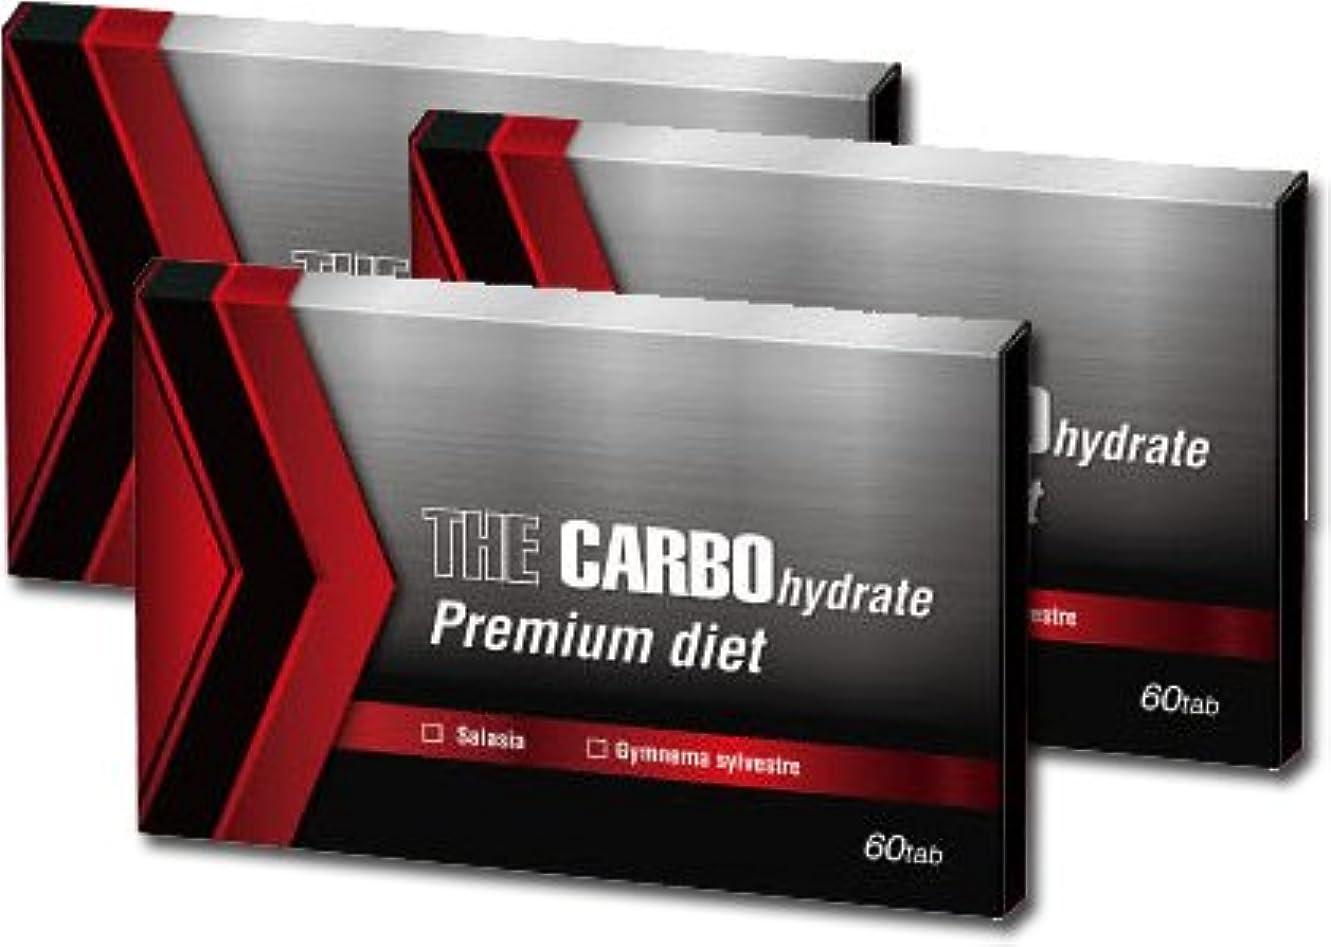 透ける極めて重要な装置ザ?糖質プレミアムダイエット60Tab×3箱セット〔THE CARBO hydrate Premium daiet〕